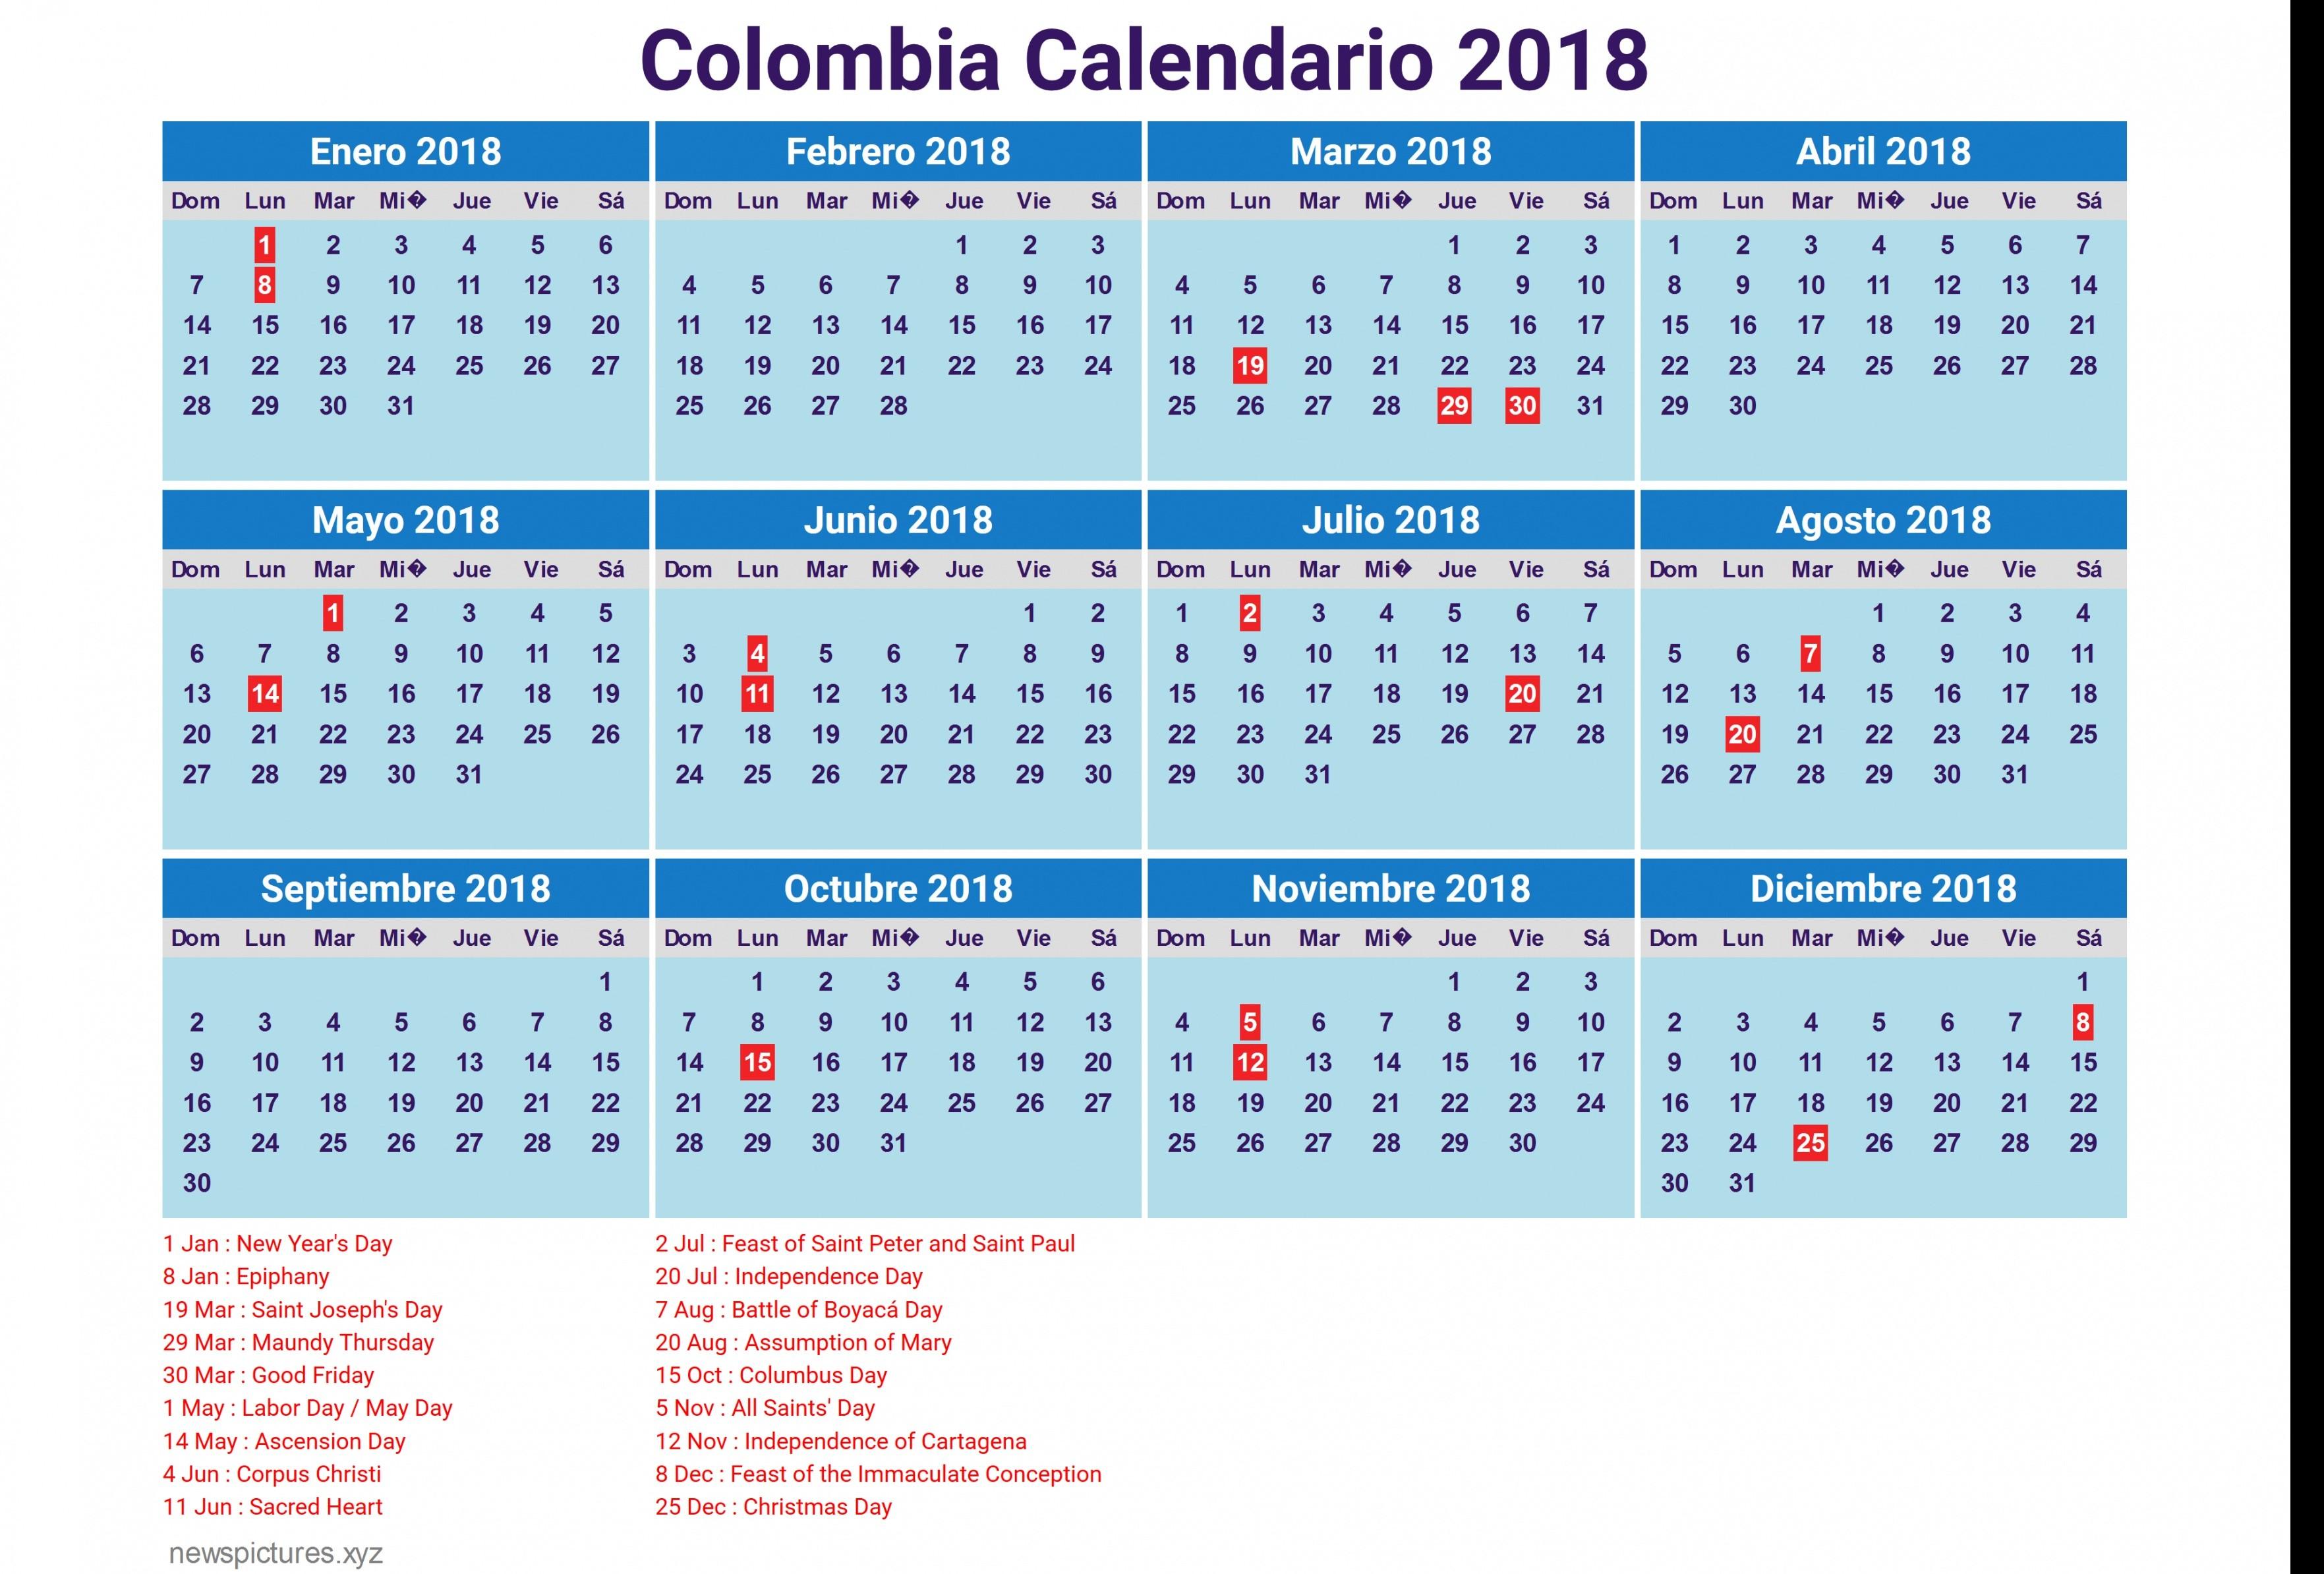 Calendario Diciembre 2017 Febrero 2018 Más Reciente Calendario 2018 Con Festivos — Fiesta De Lamusica Medellin Of Calendario Diciembre 2017 Febrero 2018 Más Recientes Calendario Dr 2019 Calendario Laboral Madrid 2019